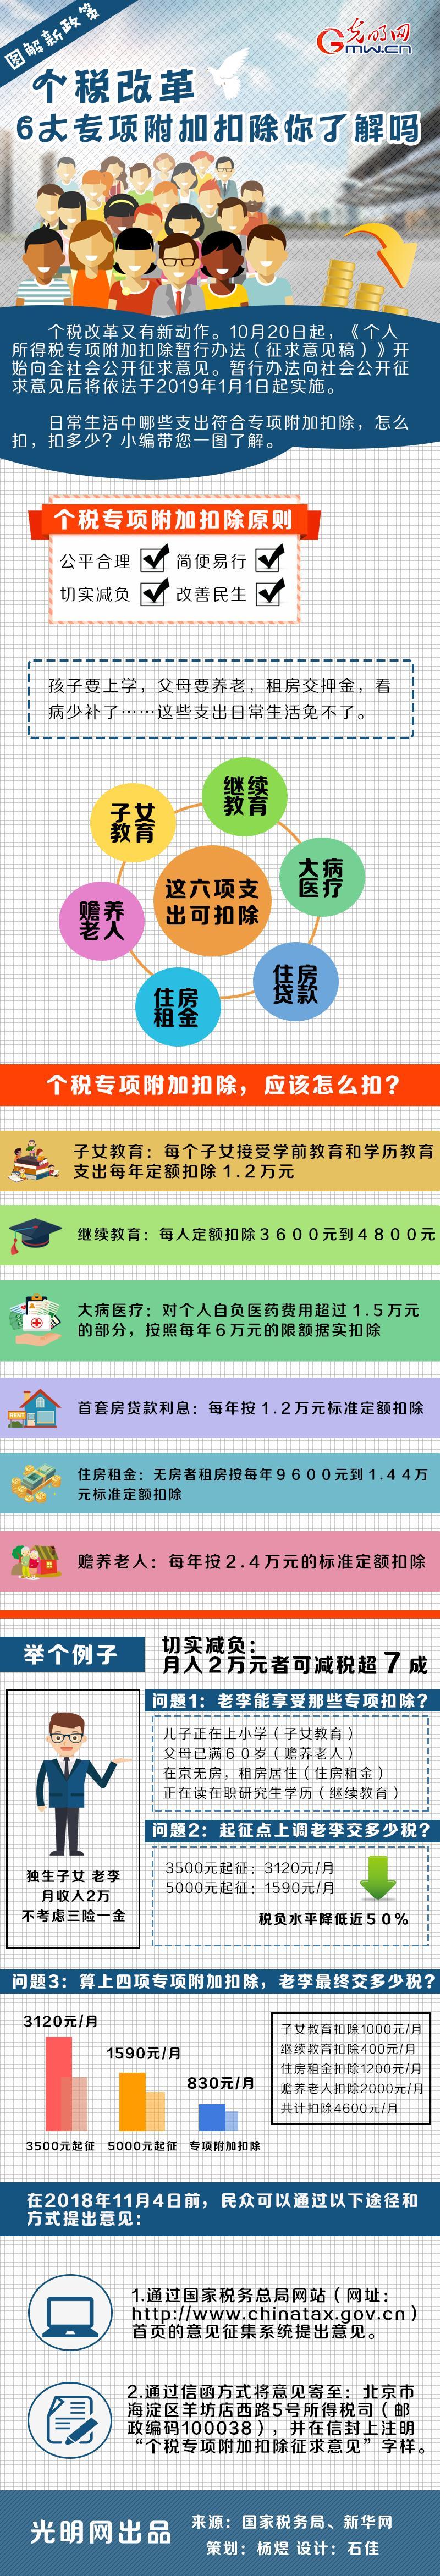 图解|个税改革:6大专项附加扣除你了解吗?